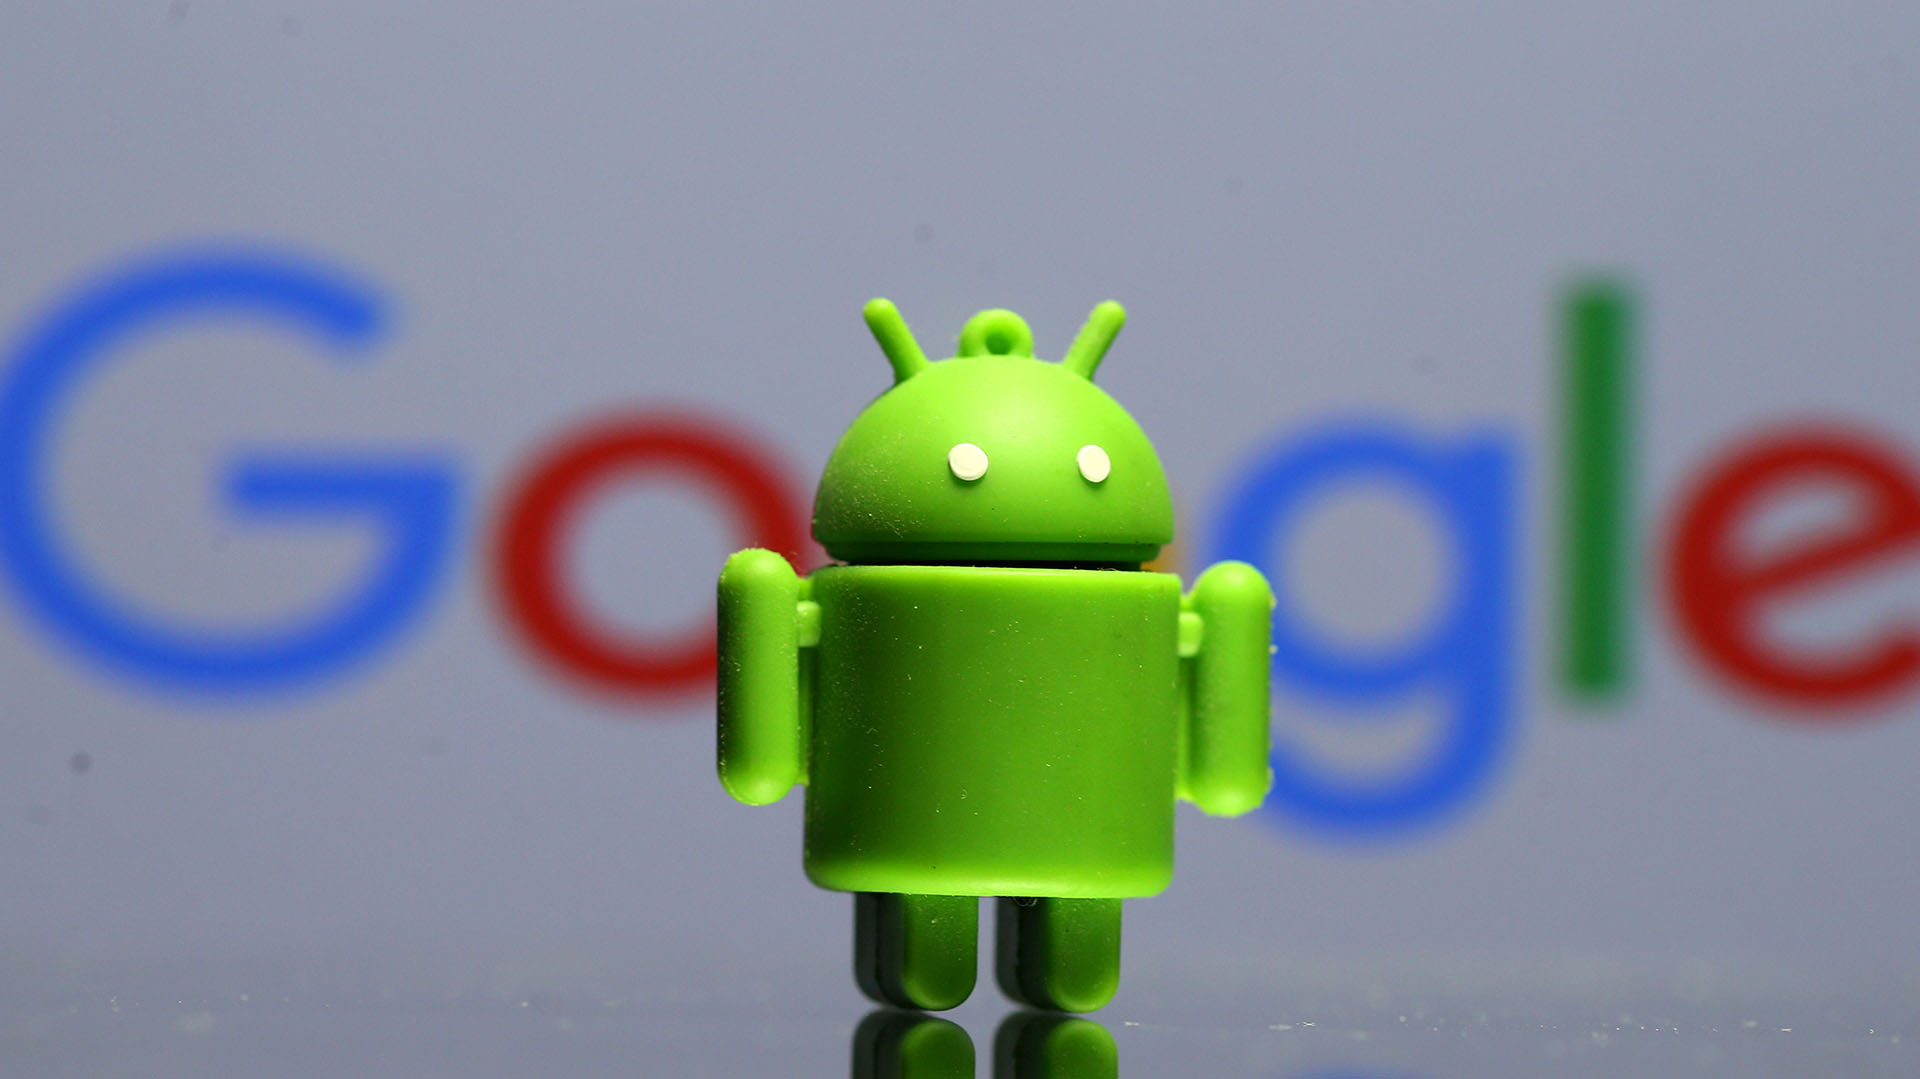 Google presentó la primera beta de Android Q, una nueva versión de su sistema operativo móvil (File Photo)